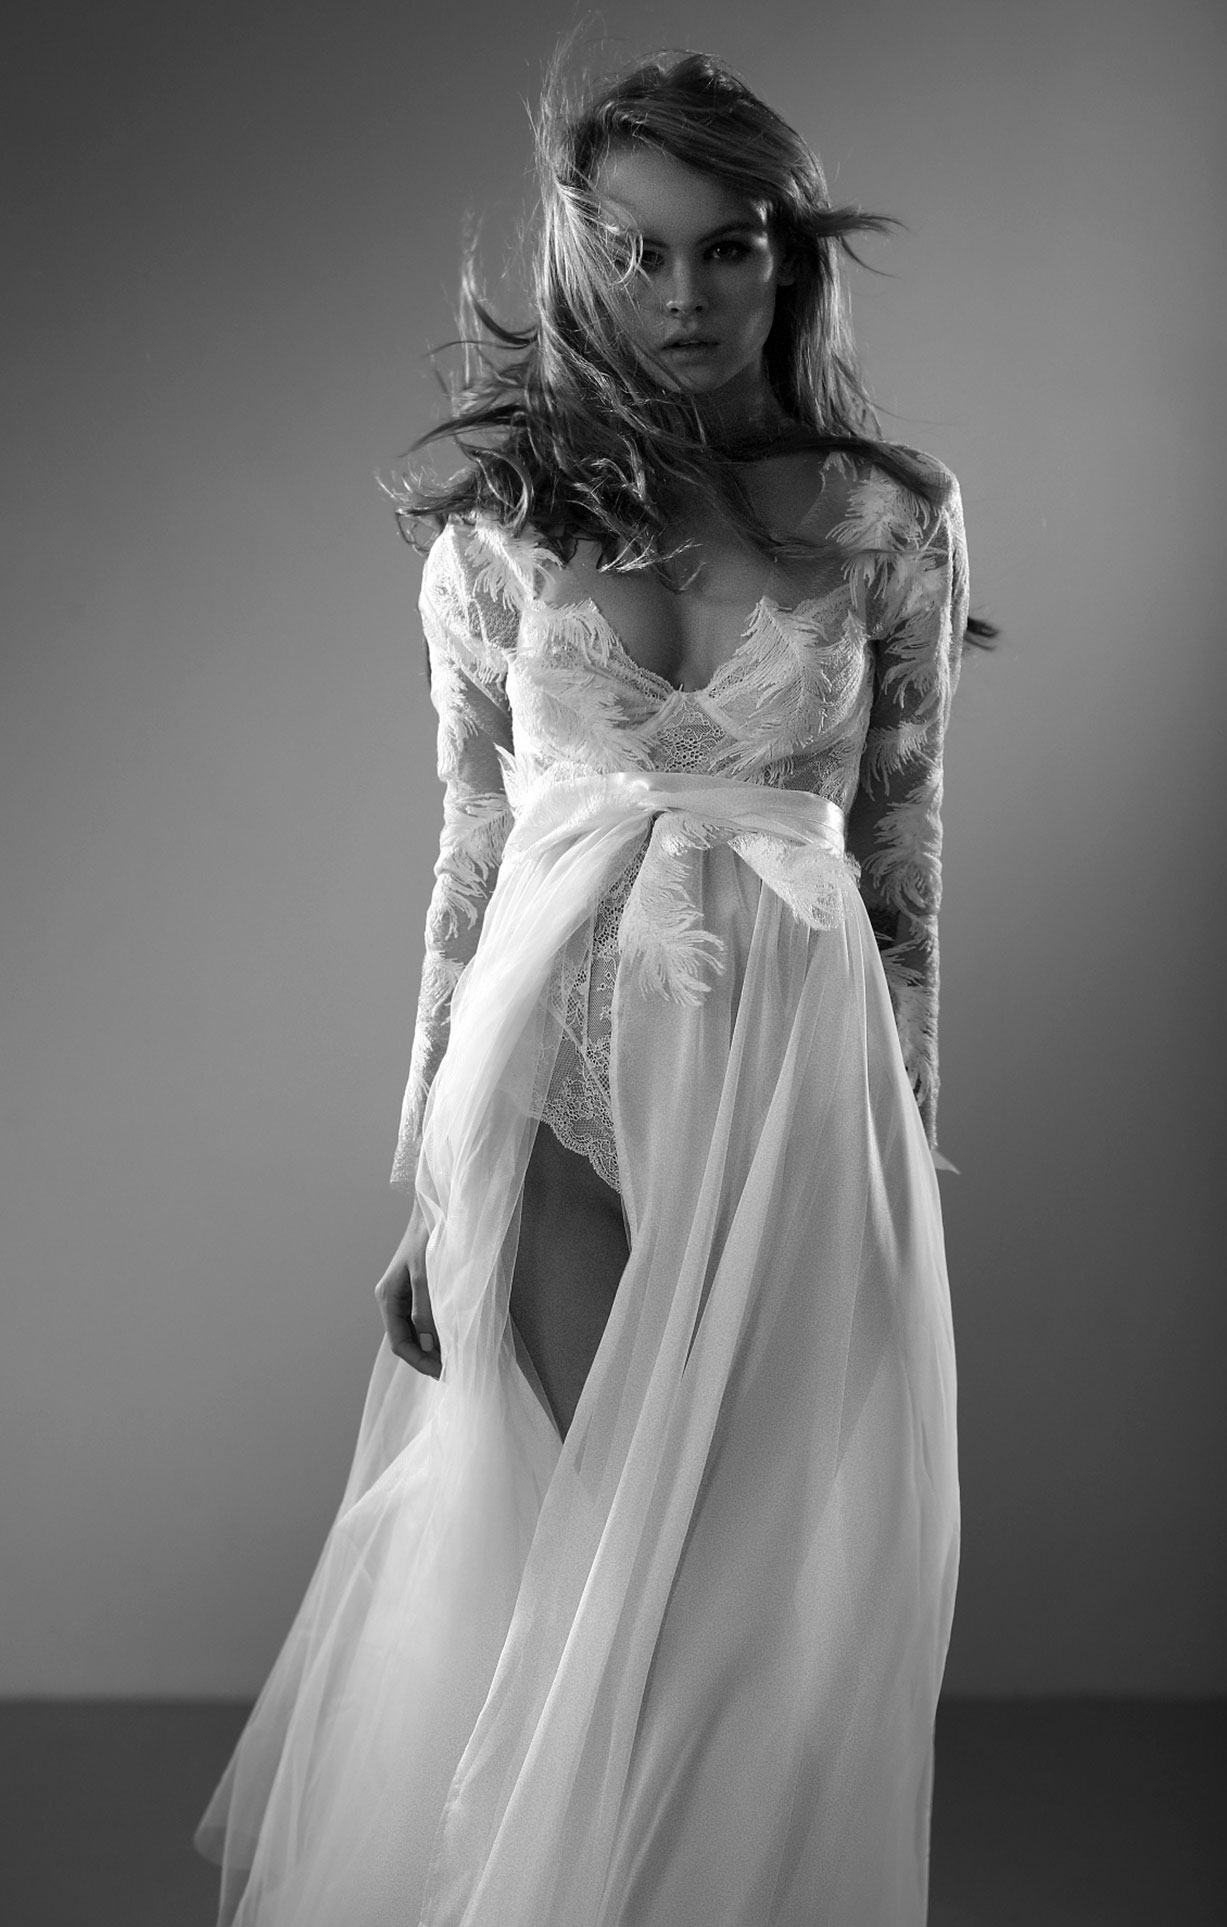 Анастасия Щеглова в нижнем белье для невесты / фото 04